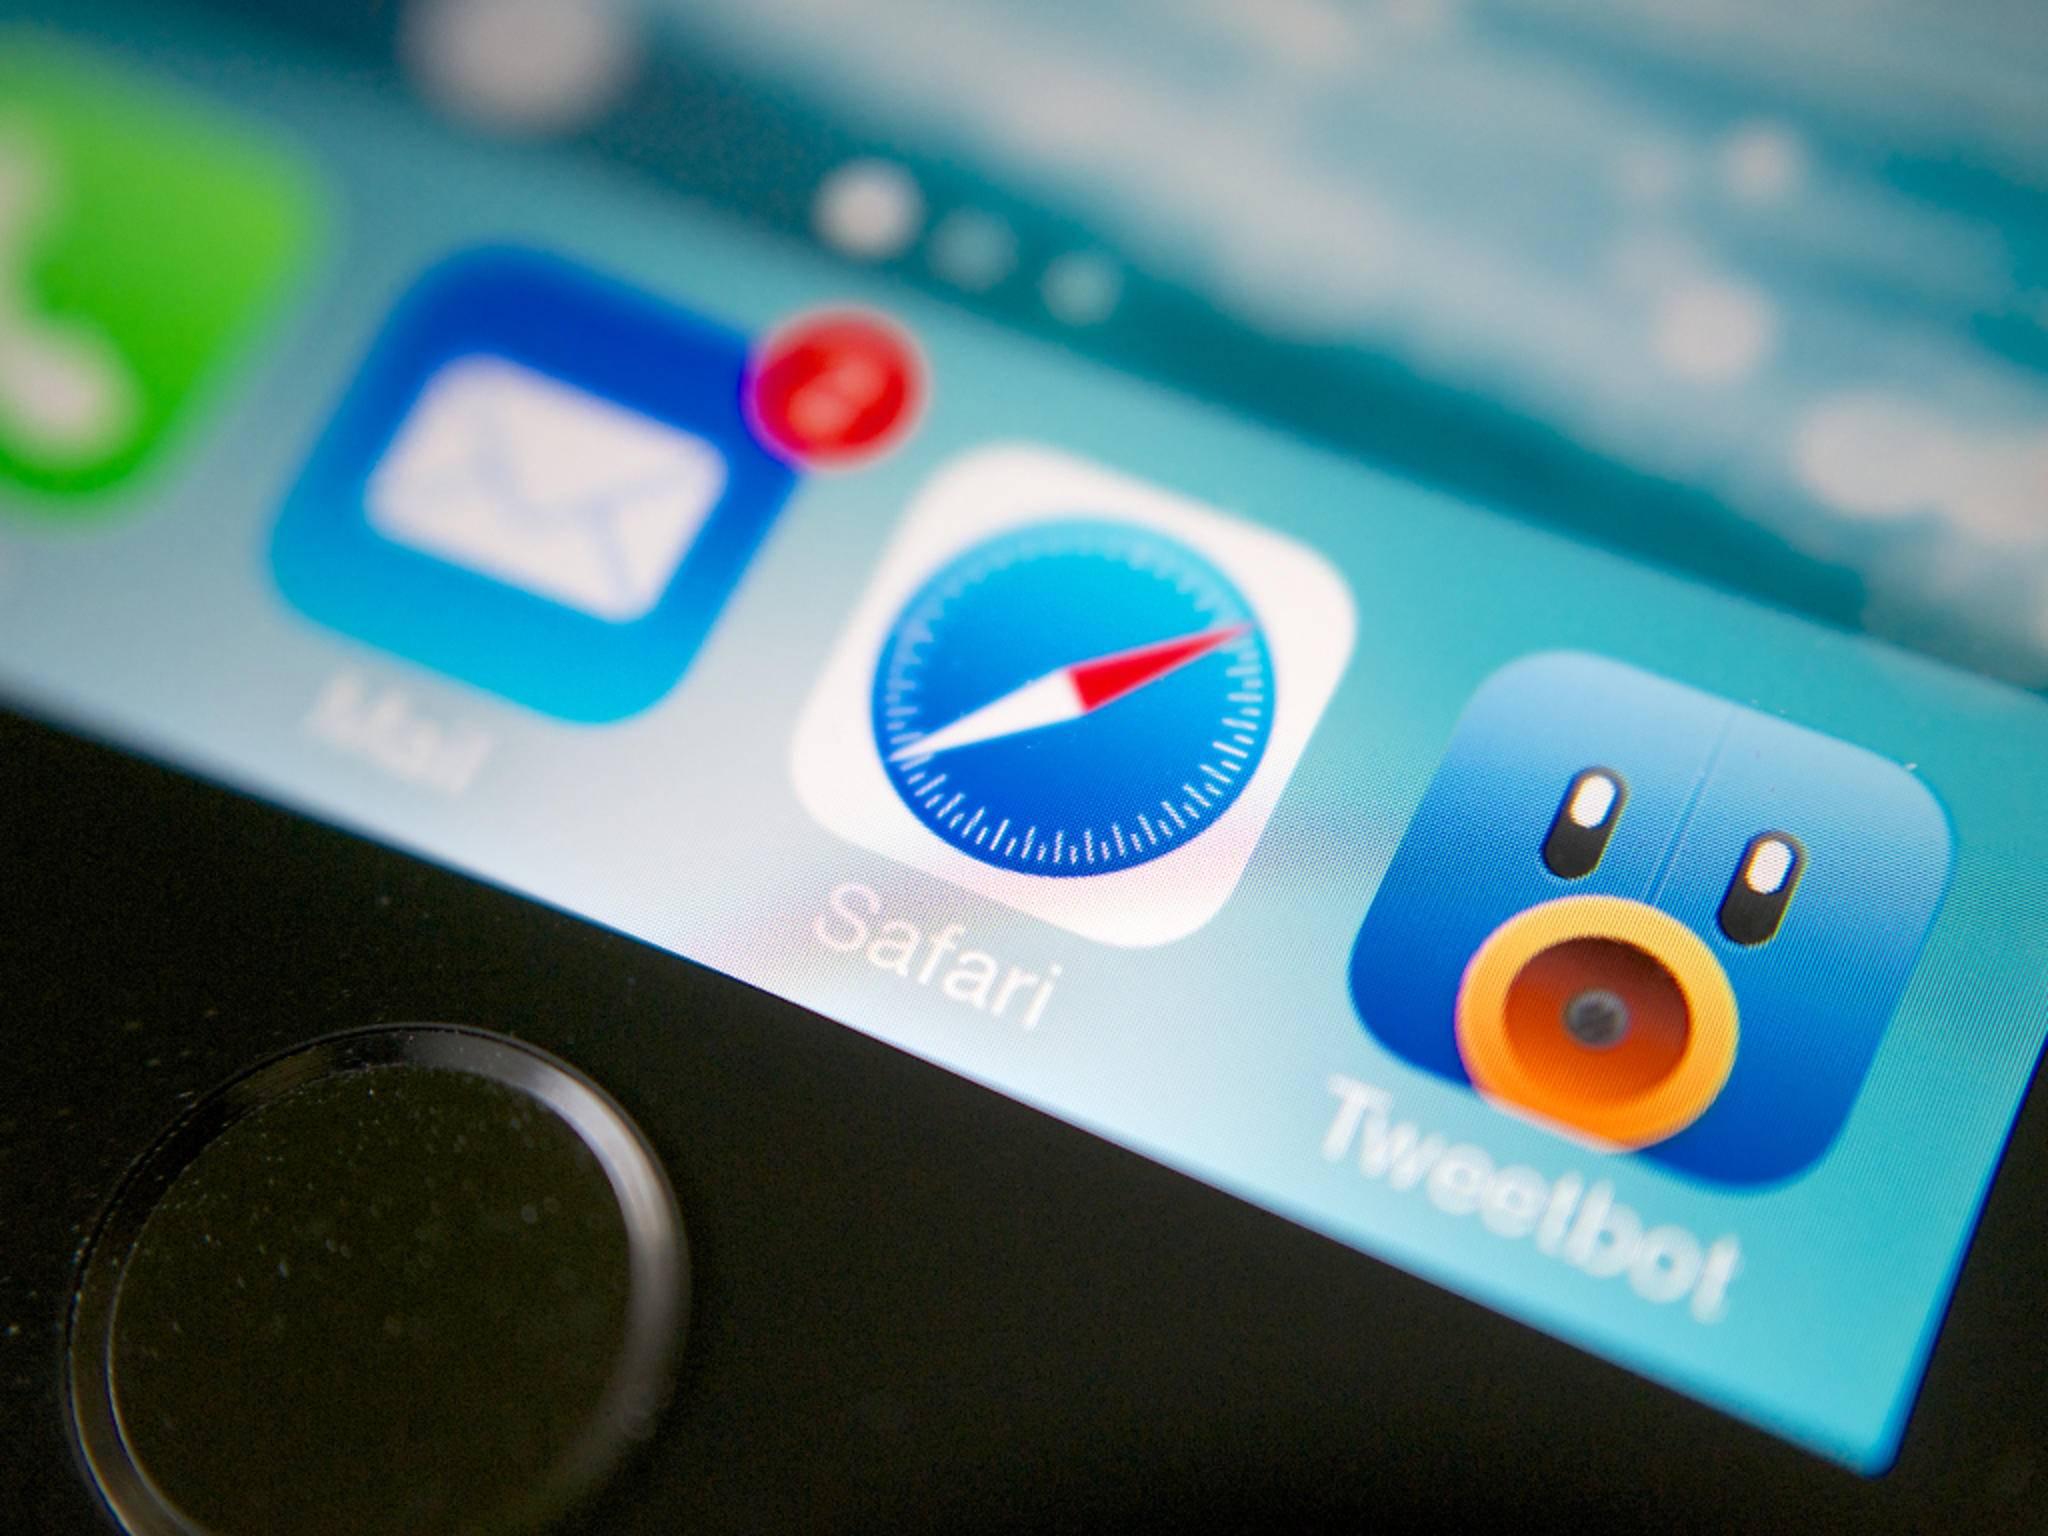 Lassen sich in iOS 10 endlich System-Apps verstecken?